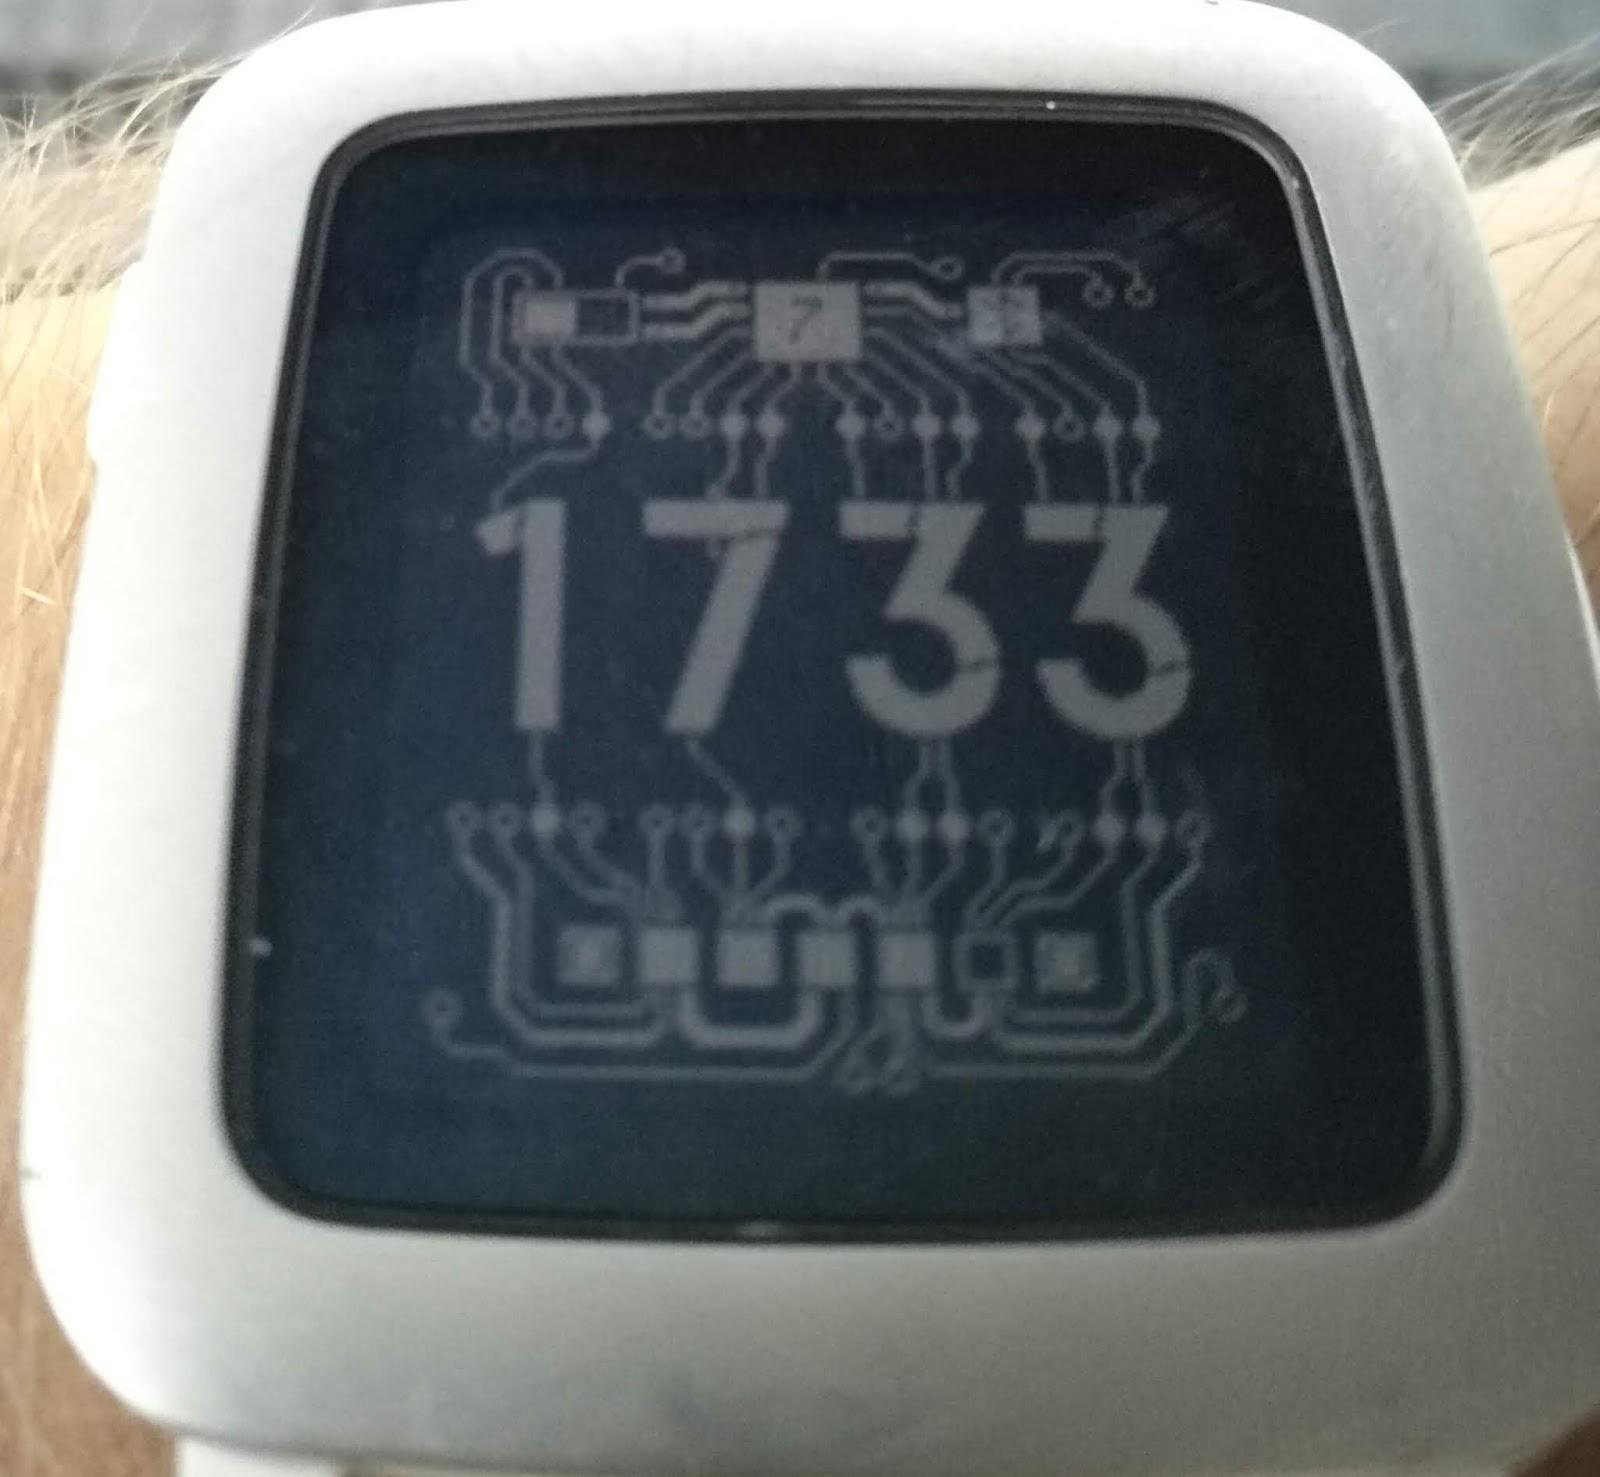 Kurzschlussblog Schmartwatch 07 Erstes Watchface 7 Segment Circuit Die Gefllt Mir So Gut Dass Ich Mich Davon Inspirieren Lie Und Fr Meine Eine Entworfen Habe